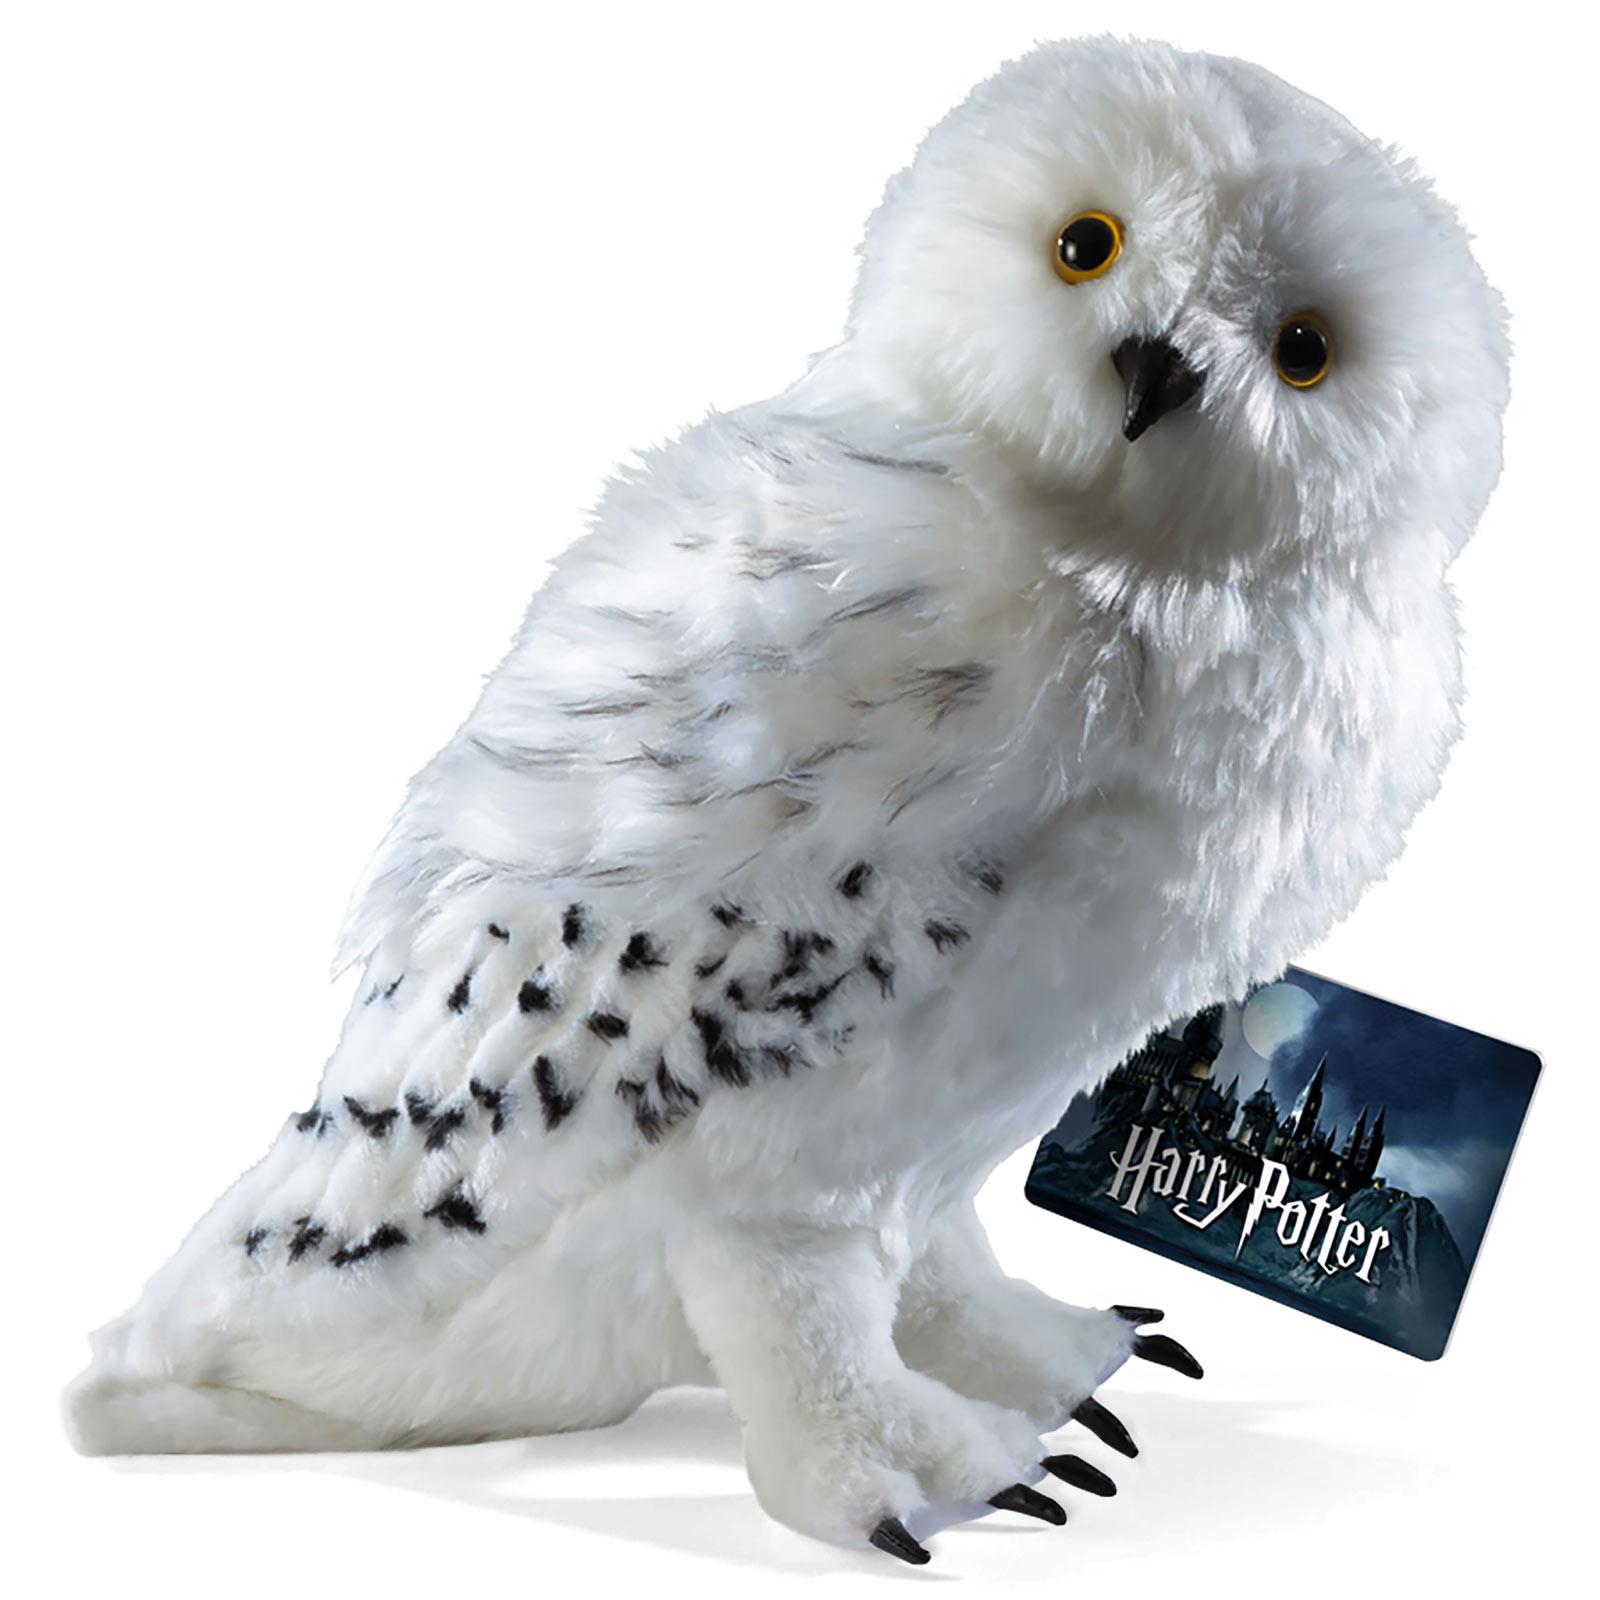 Harry Potter - Hedwig Plüsch Figur 30 cm